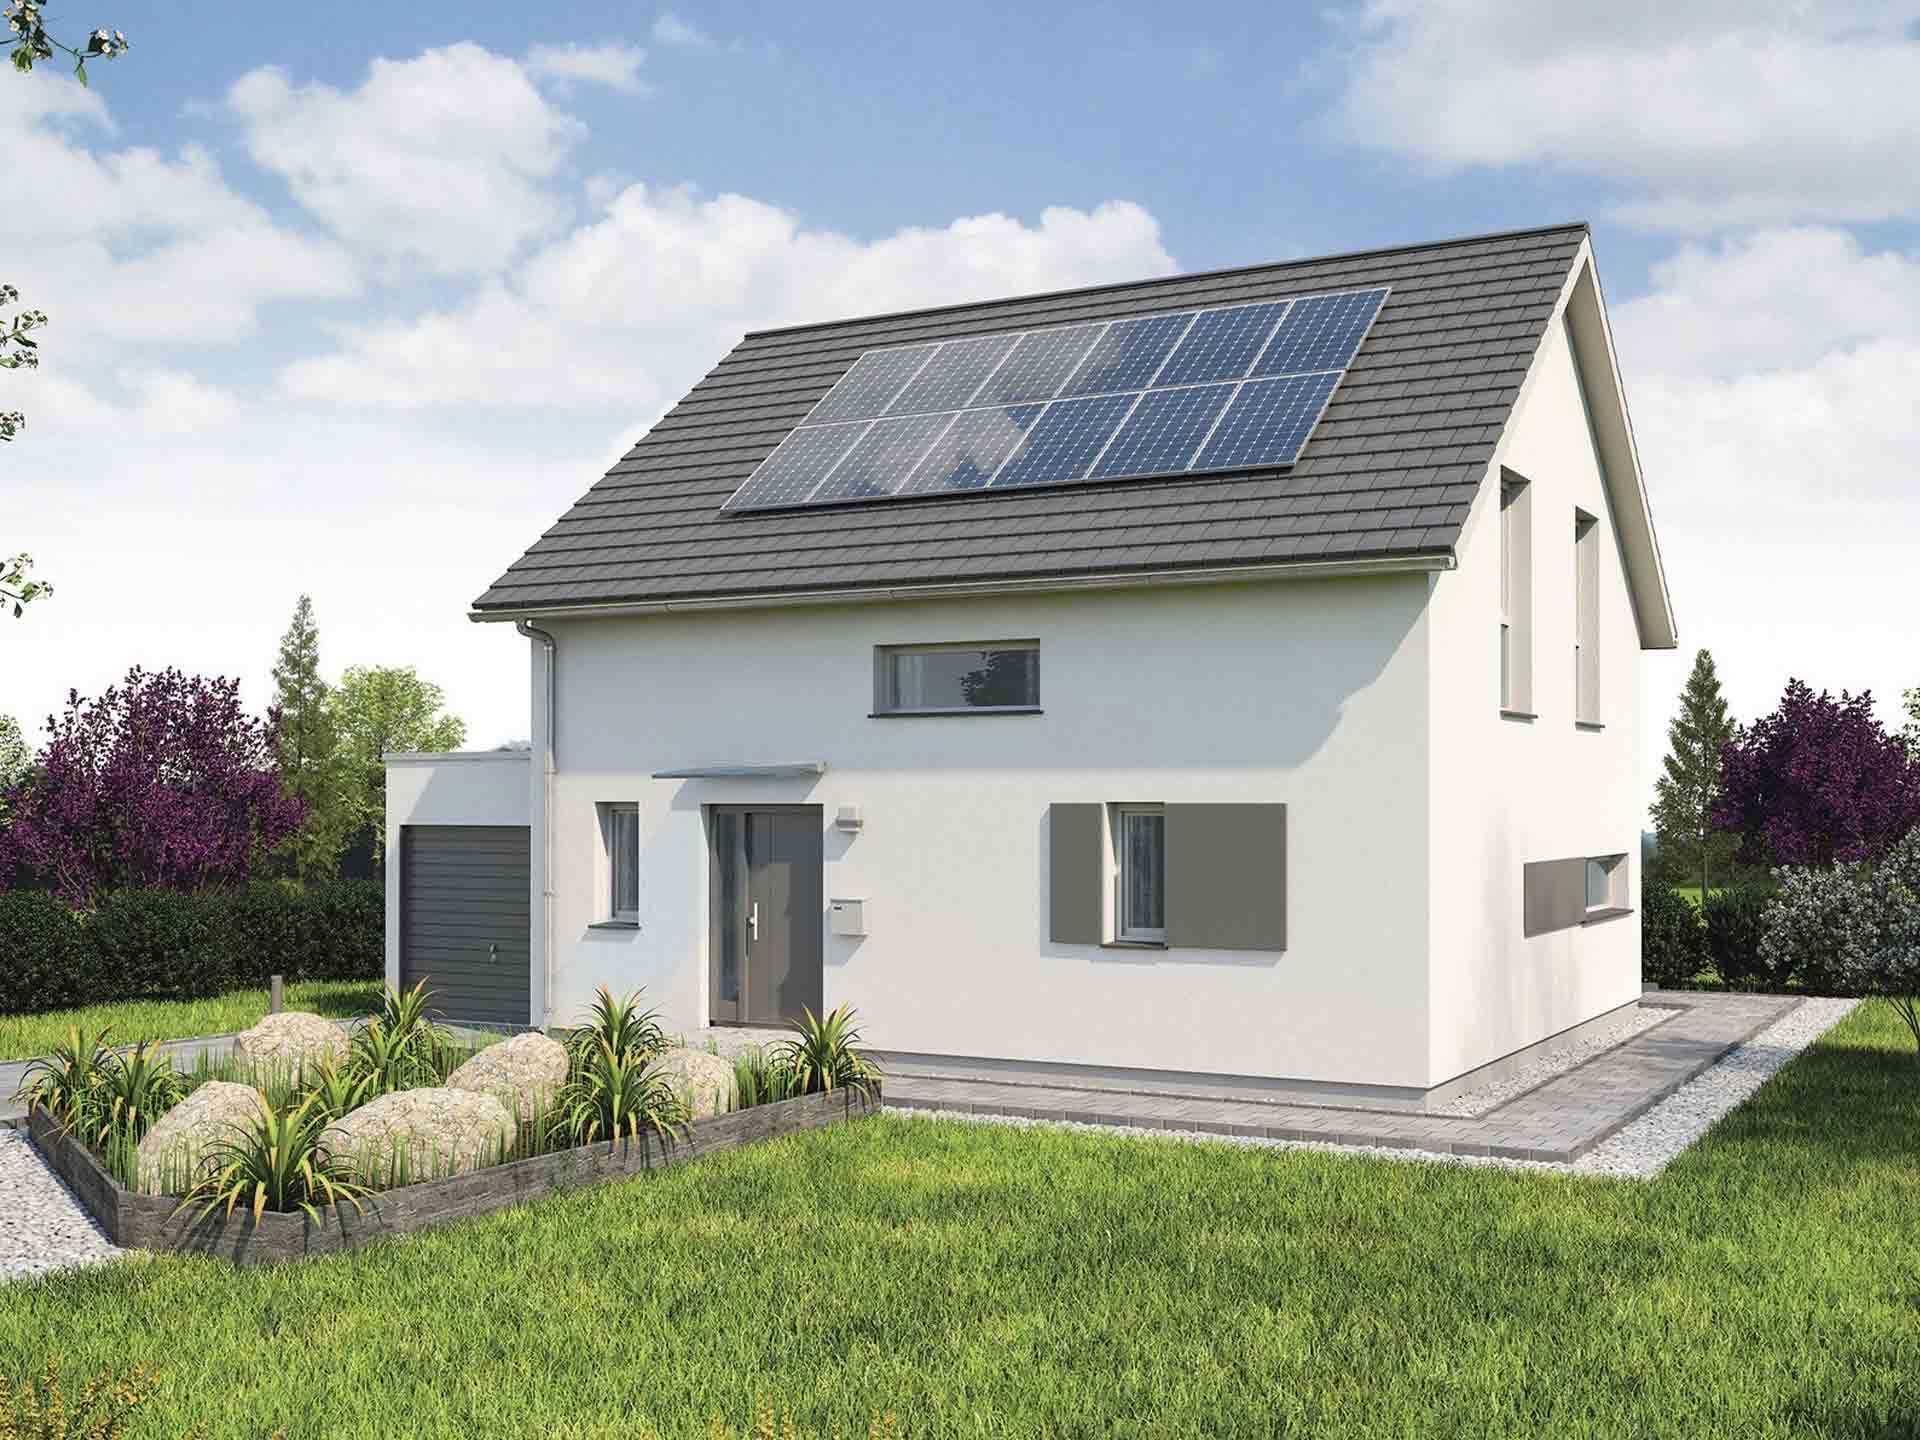 Singlehaus bauen | Häuser, Anbieter & Preise vergleichen